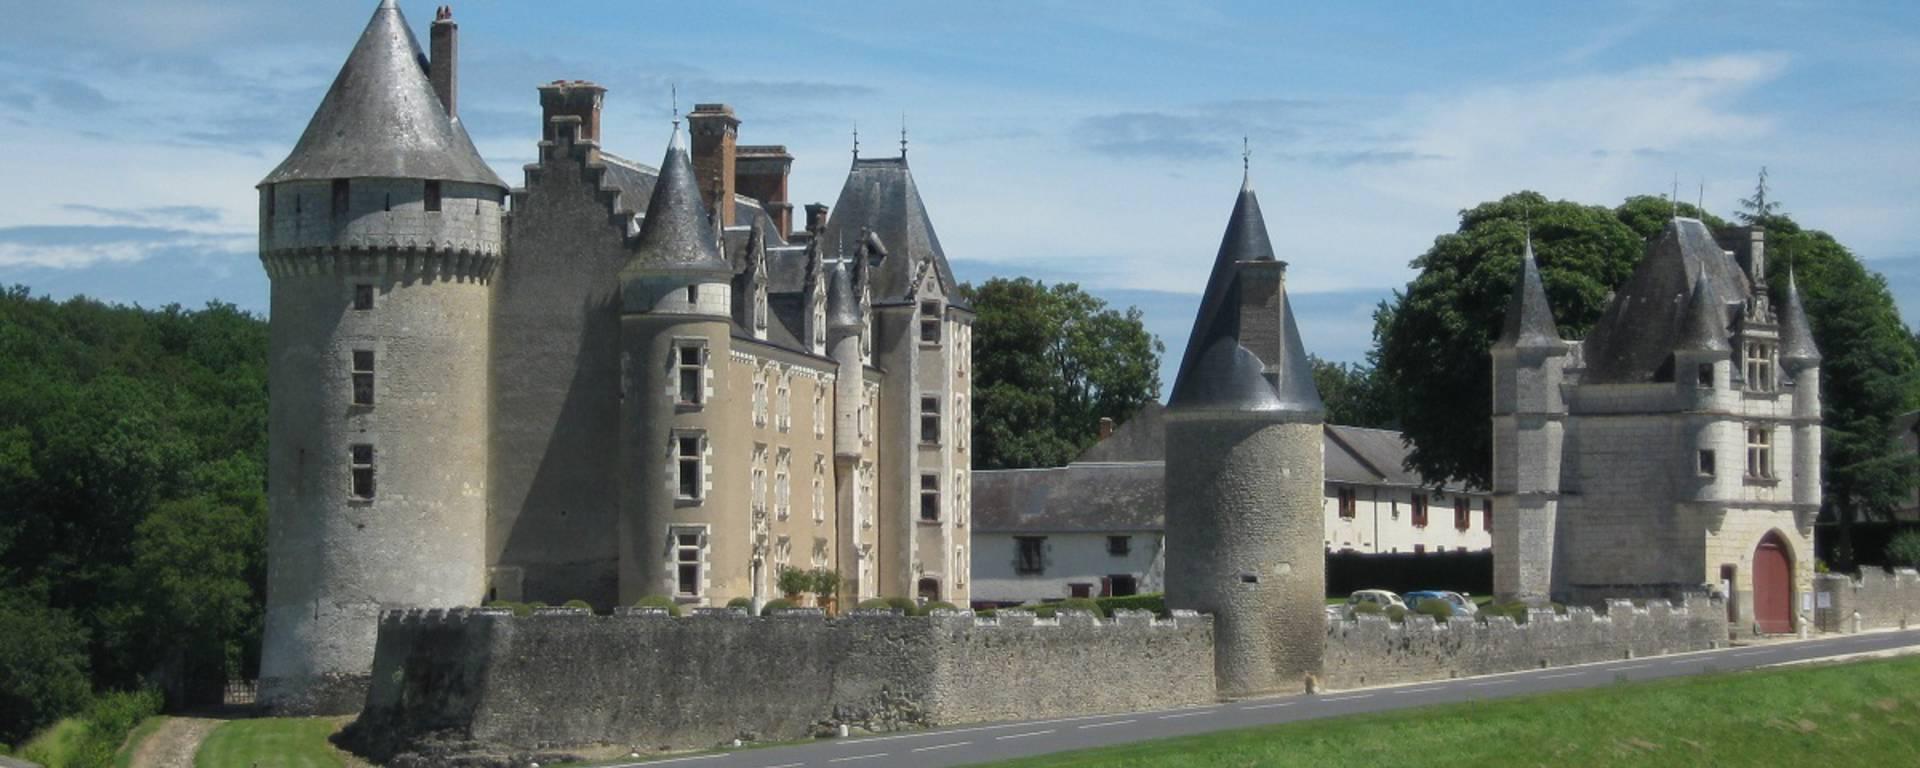 El castillo de Montpoupon. © OTBC